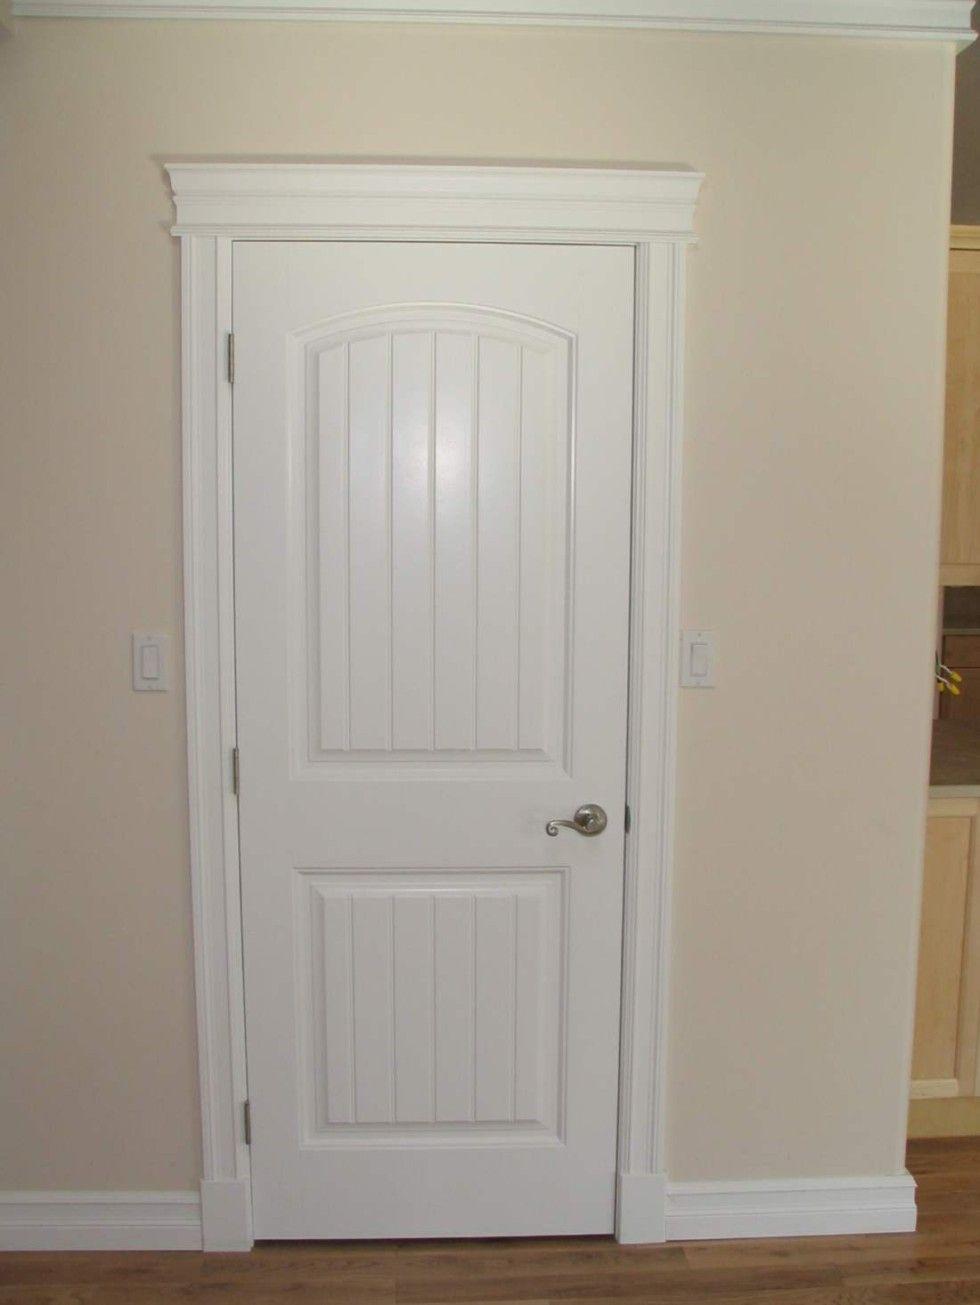 Casing Door & \u201con This Door Is Comprised Of Three